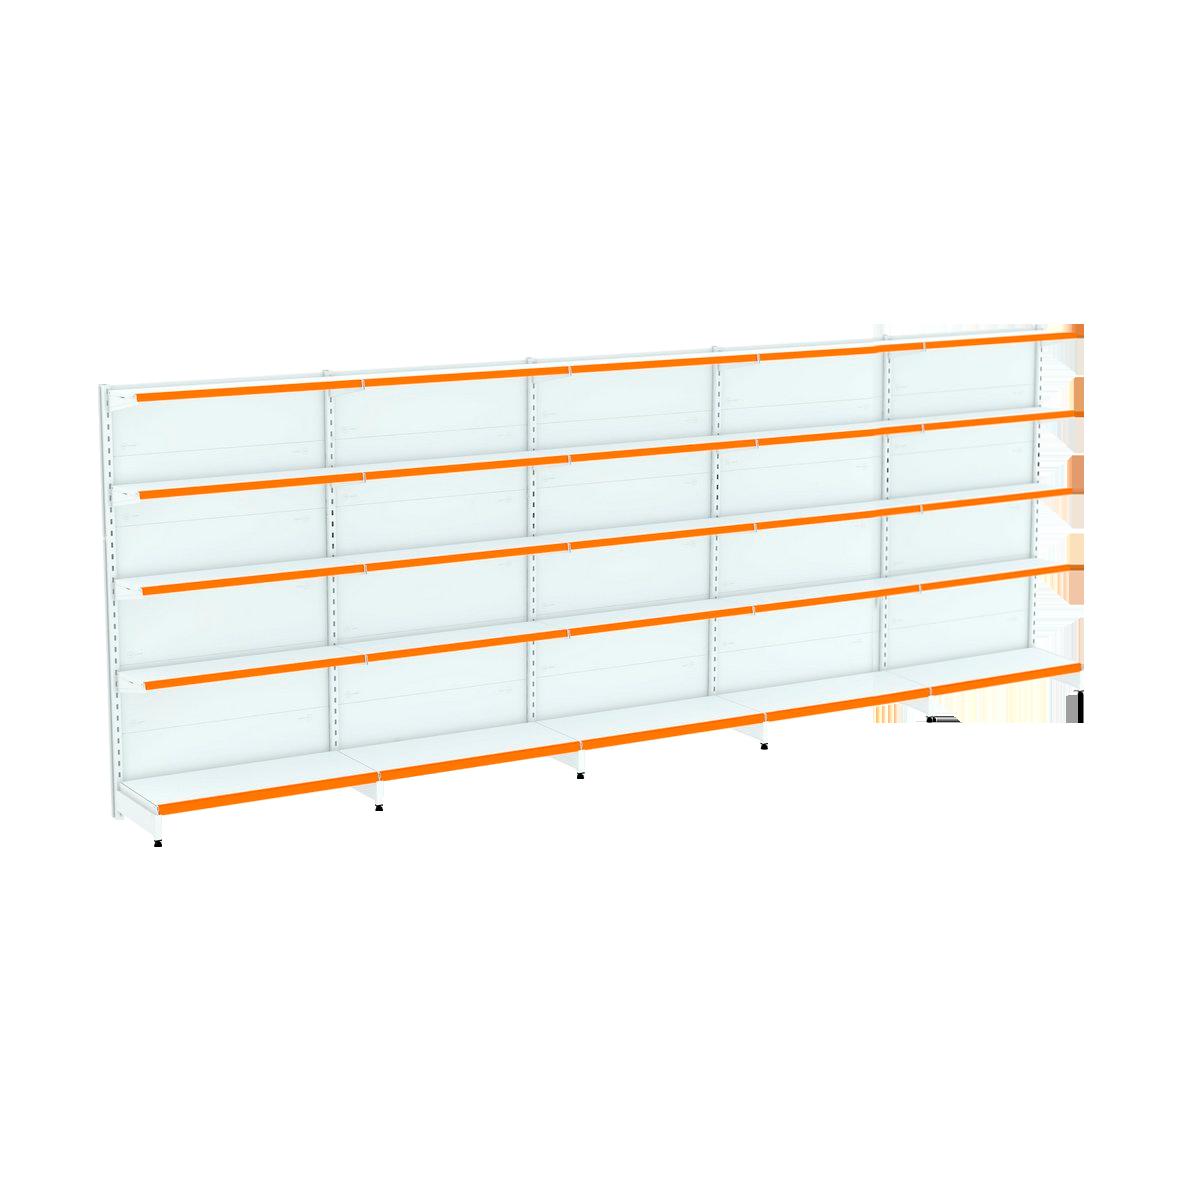 Kit 5 Gôndolas Parede Para Supermercado 1 Inicial + 4 Continuação 170cm Flex 60